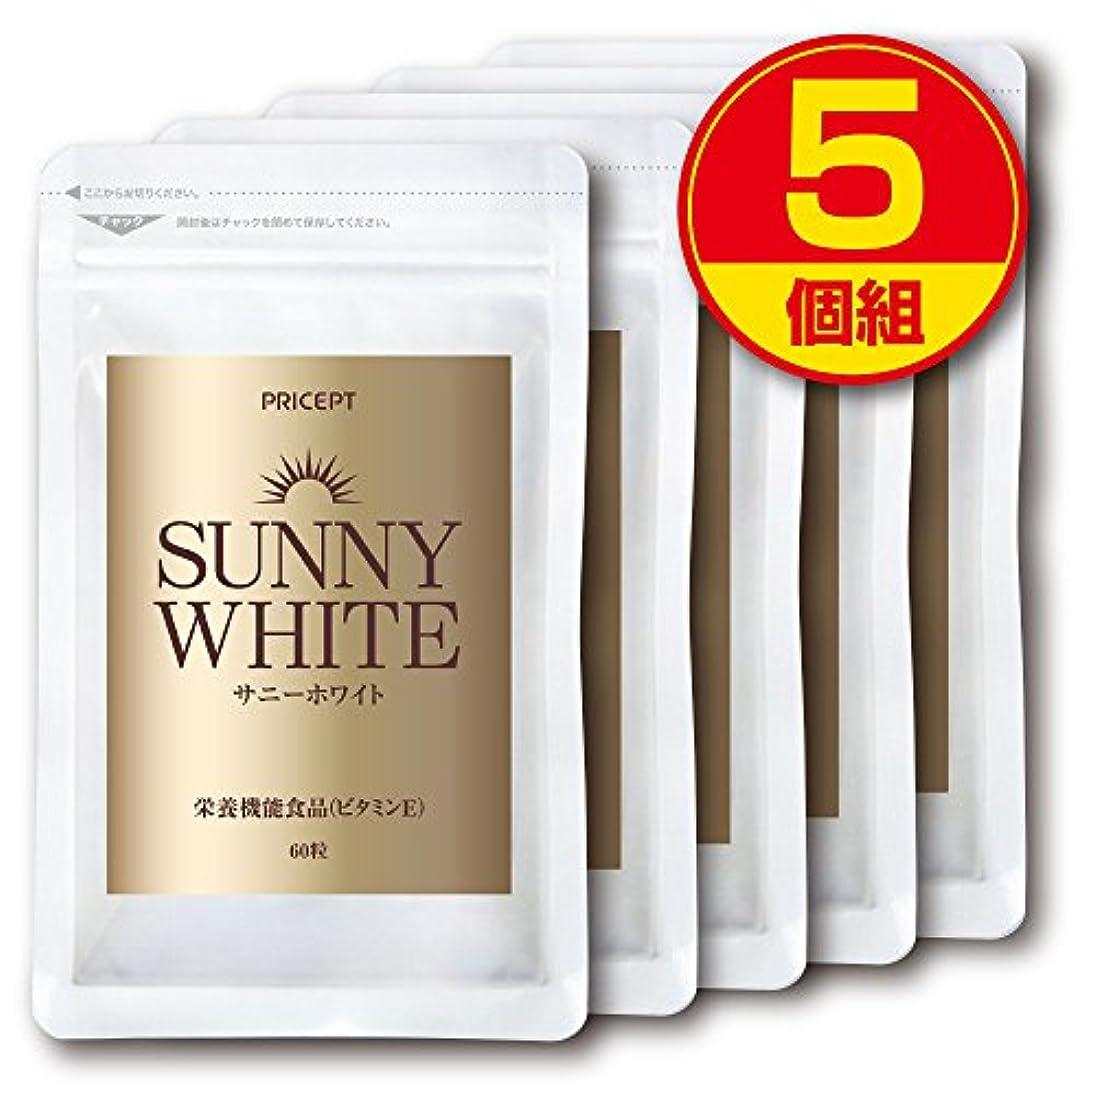 名誉ある作成するそんなに【在庫過多のため訳あり】プリセプト サニーホワイト(60粒)栄養機能食品(ビタミンE) ニュートロックスサン 日傘サプリ 日焼け UV 日差し (5個組)【賞味期限:2020年4月3日】